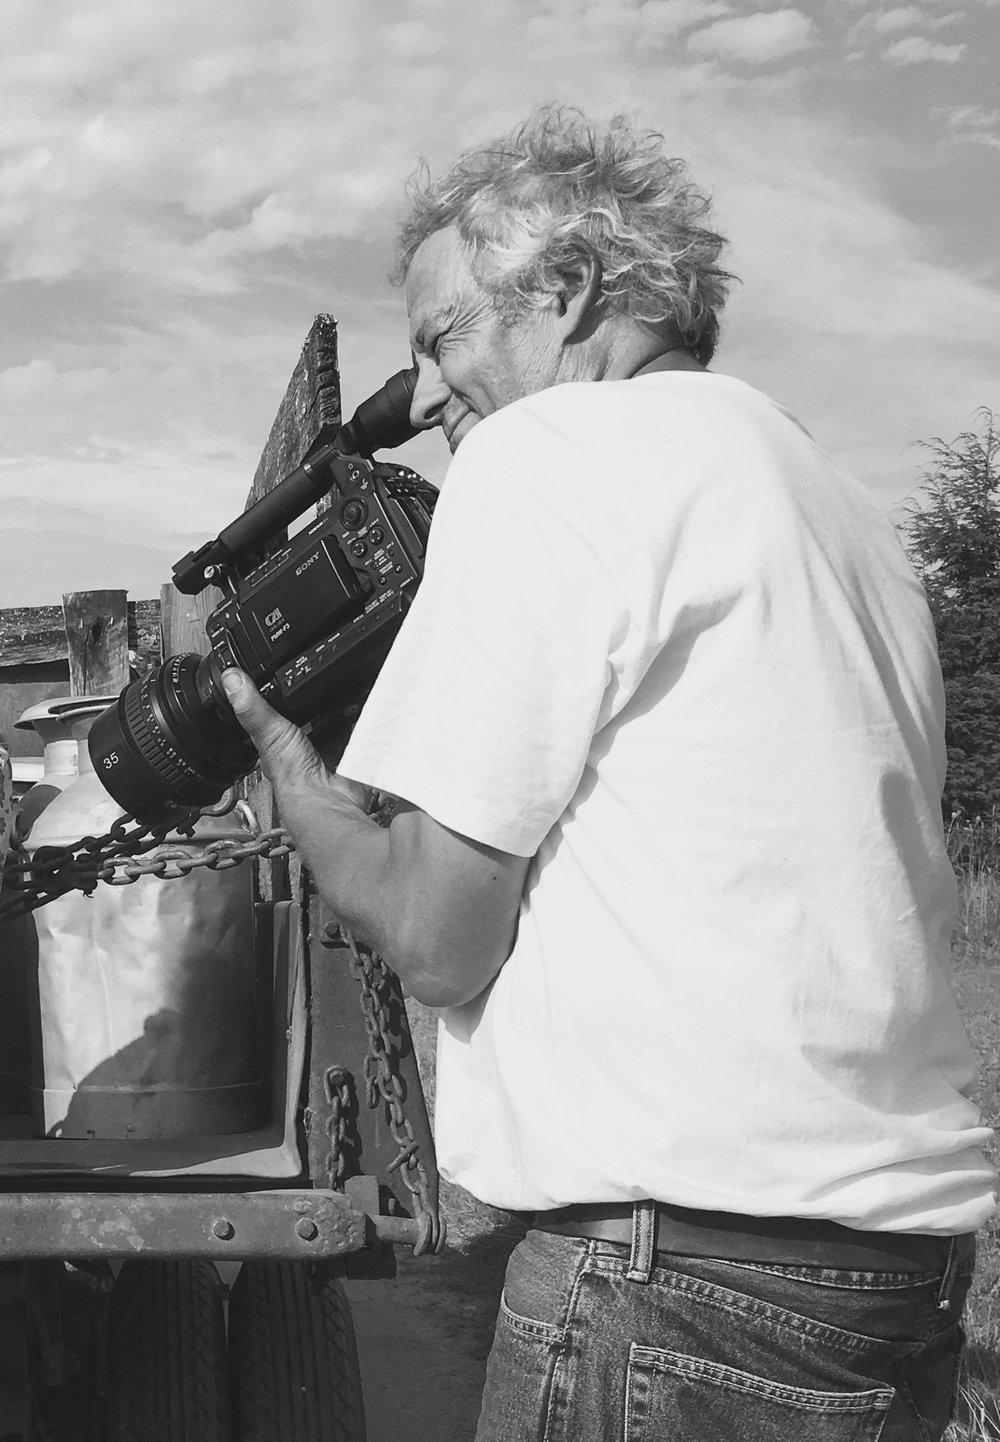 George Woodard filming The Farm Boy